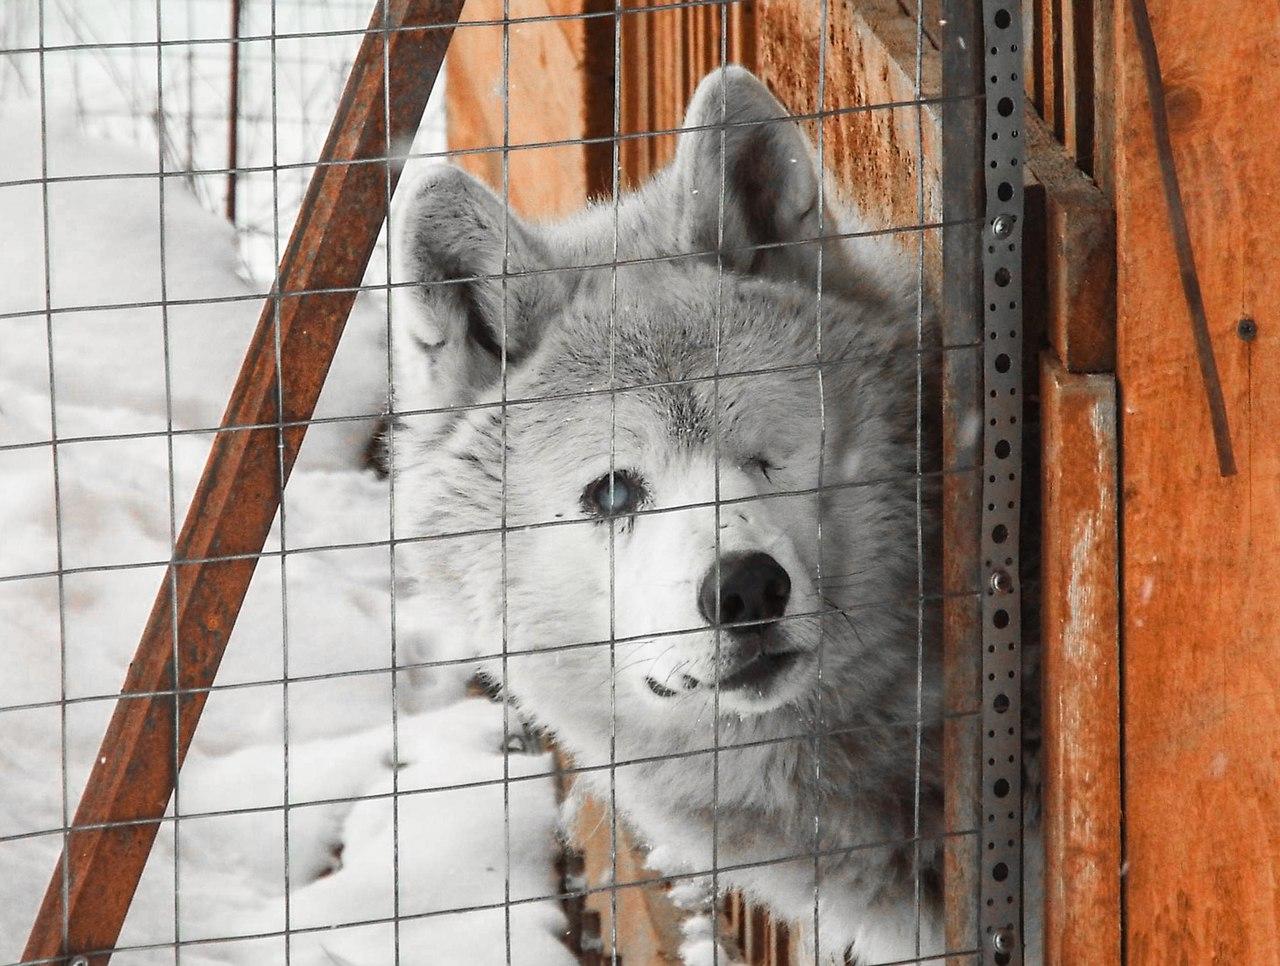 А за шкафом живет... волк!